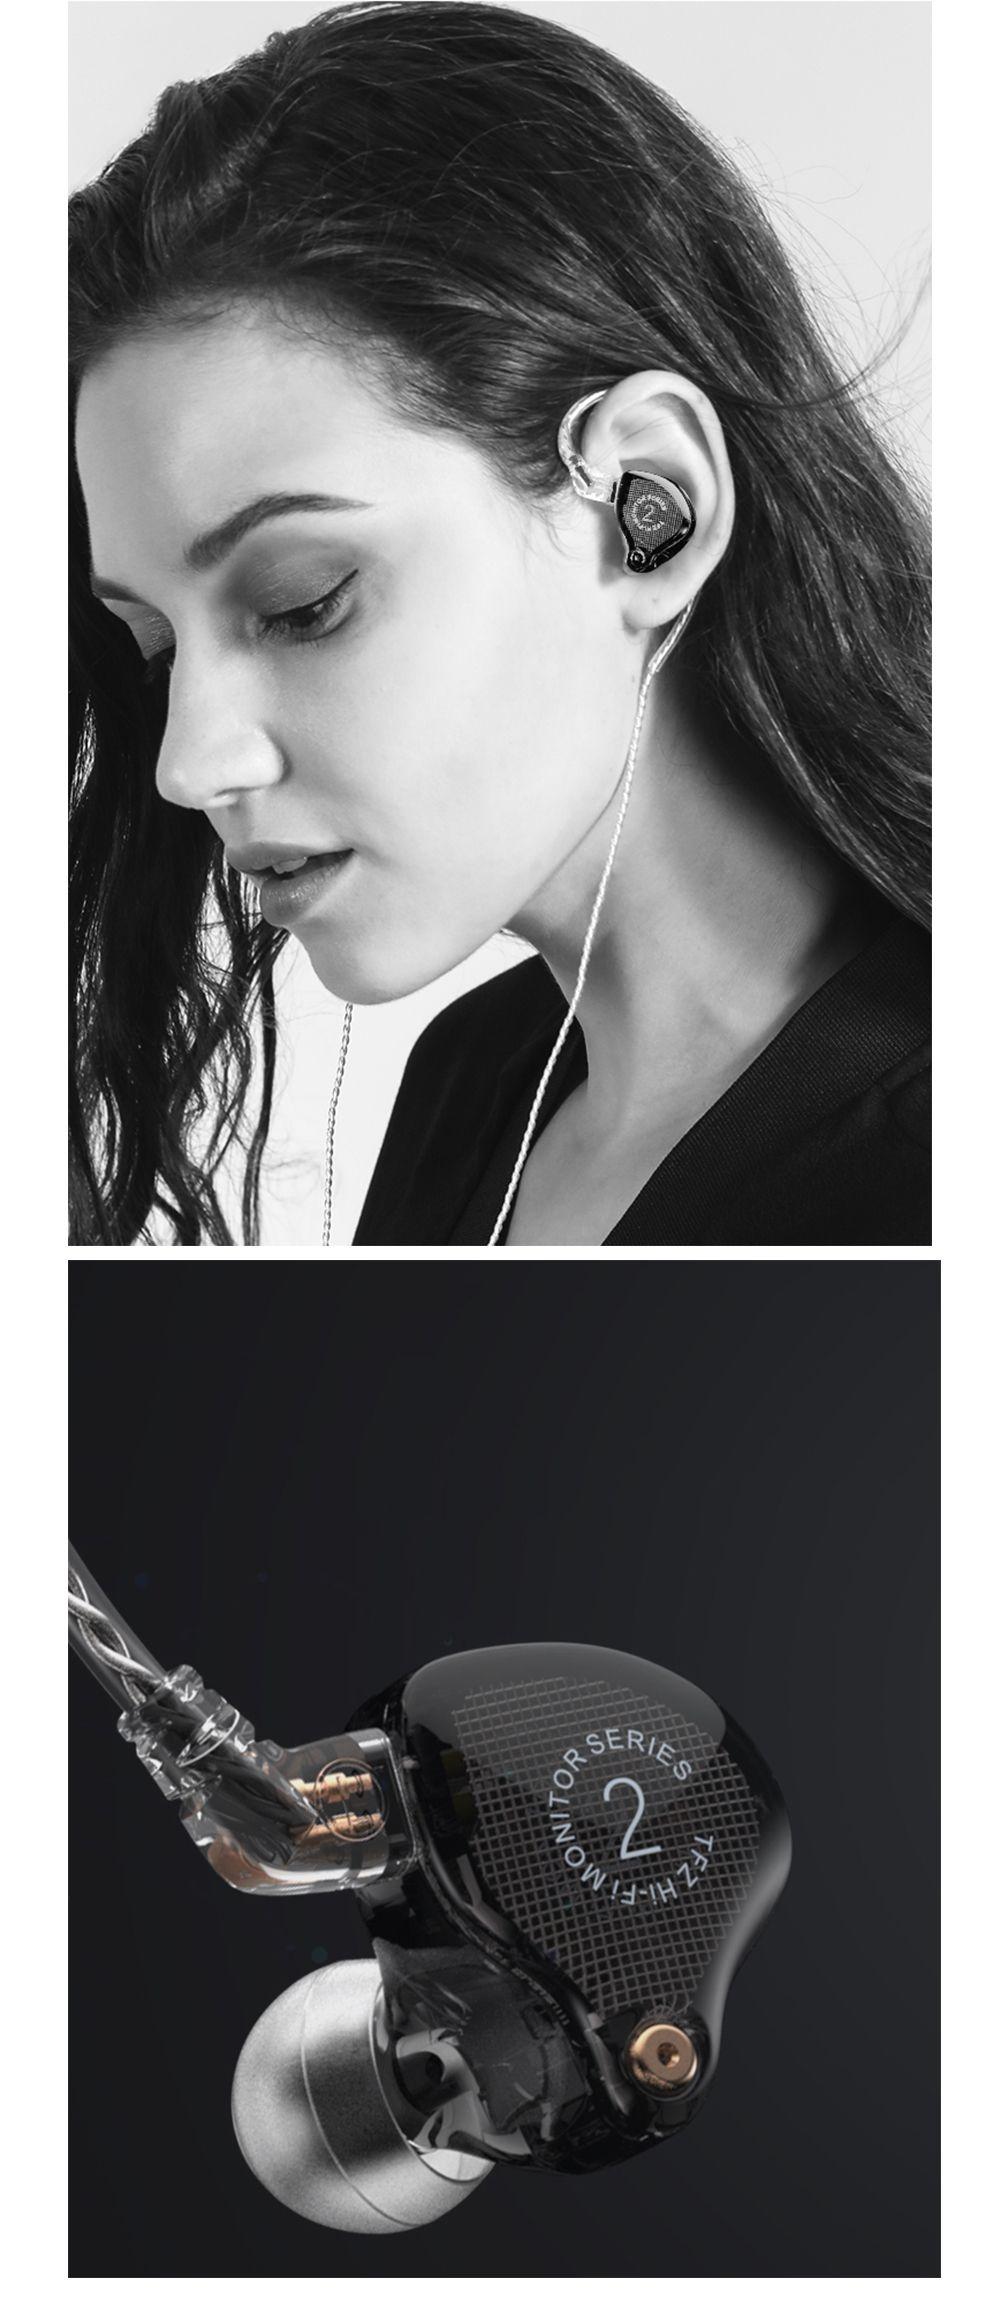 TFZ S2 HIFI In-Ear-Monitor Earphones Monitor Earbuds